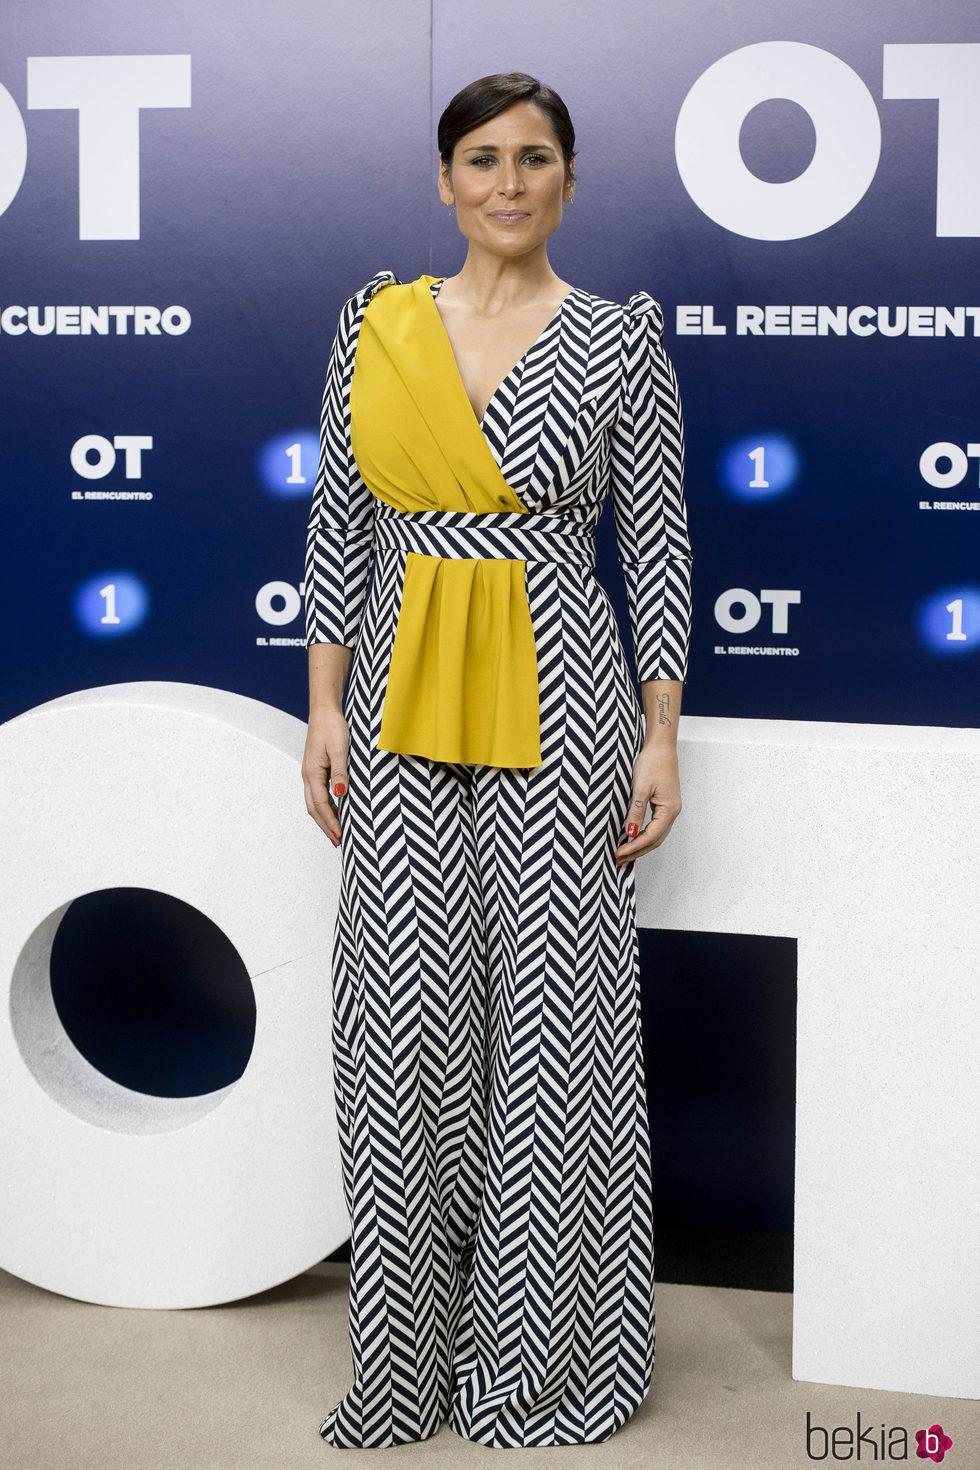 Rosa López en la presentación de 'OT. El reencuentro'